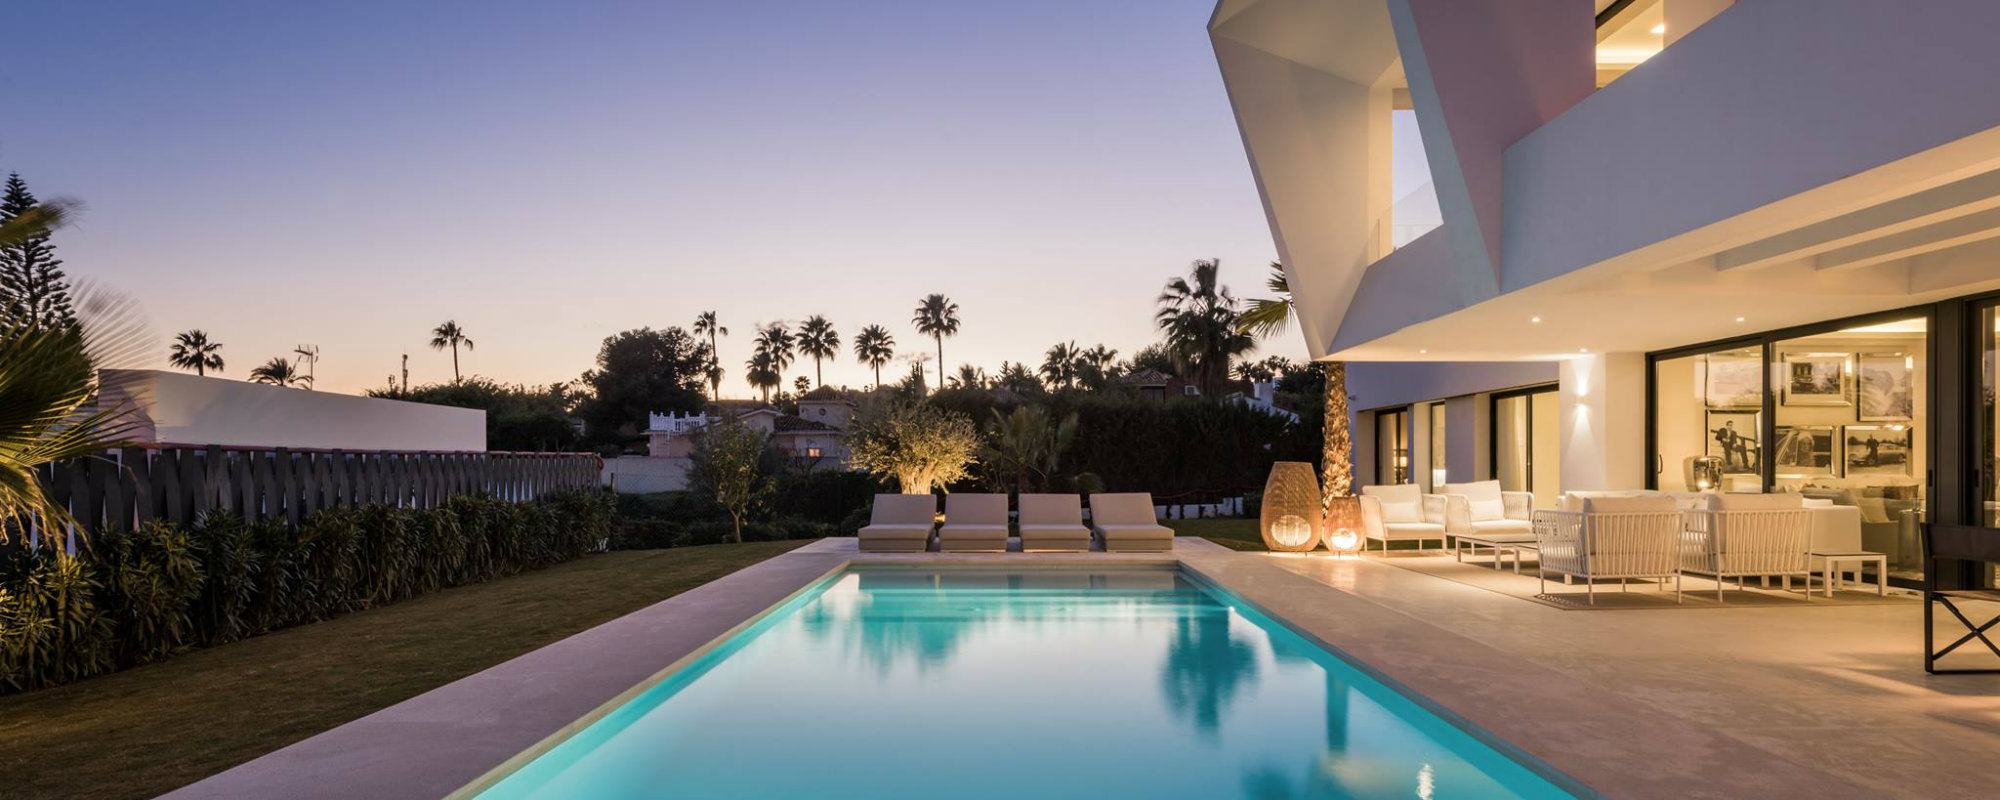 Interiorismo en Marbella: Lord Design una empresa con proyectos lujuosos interiorismo en marbella Interiorismo en Marbella: Lord Design una empresa con proyectos lujuosos Featured 3